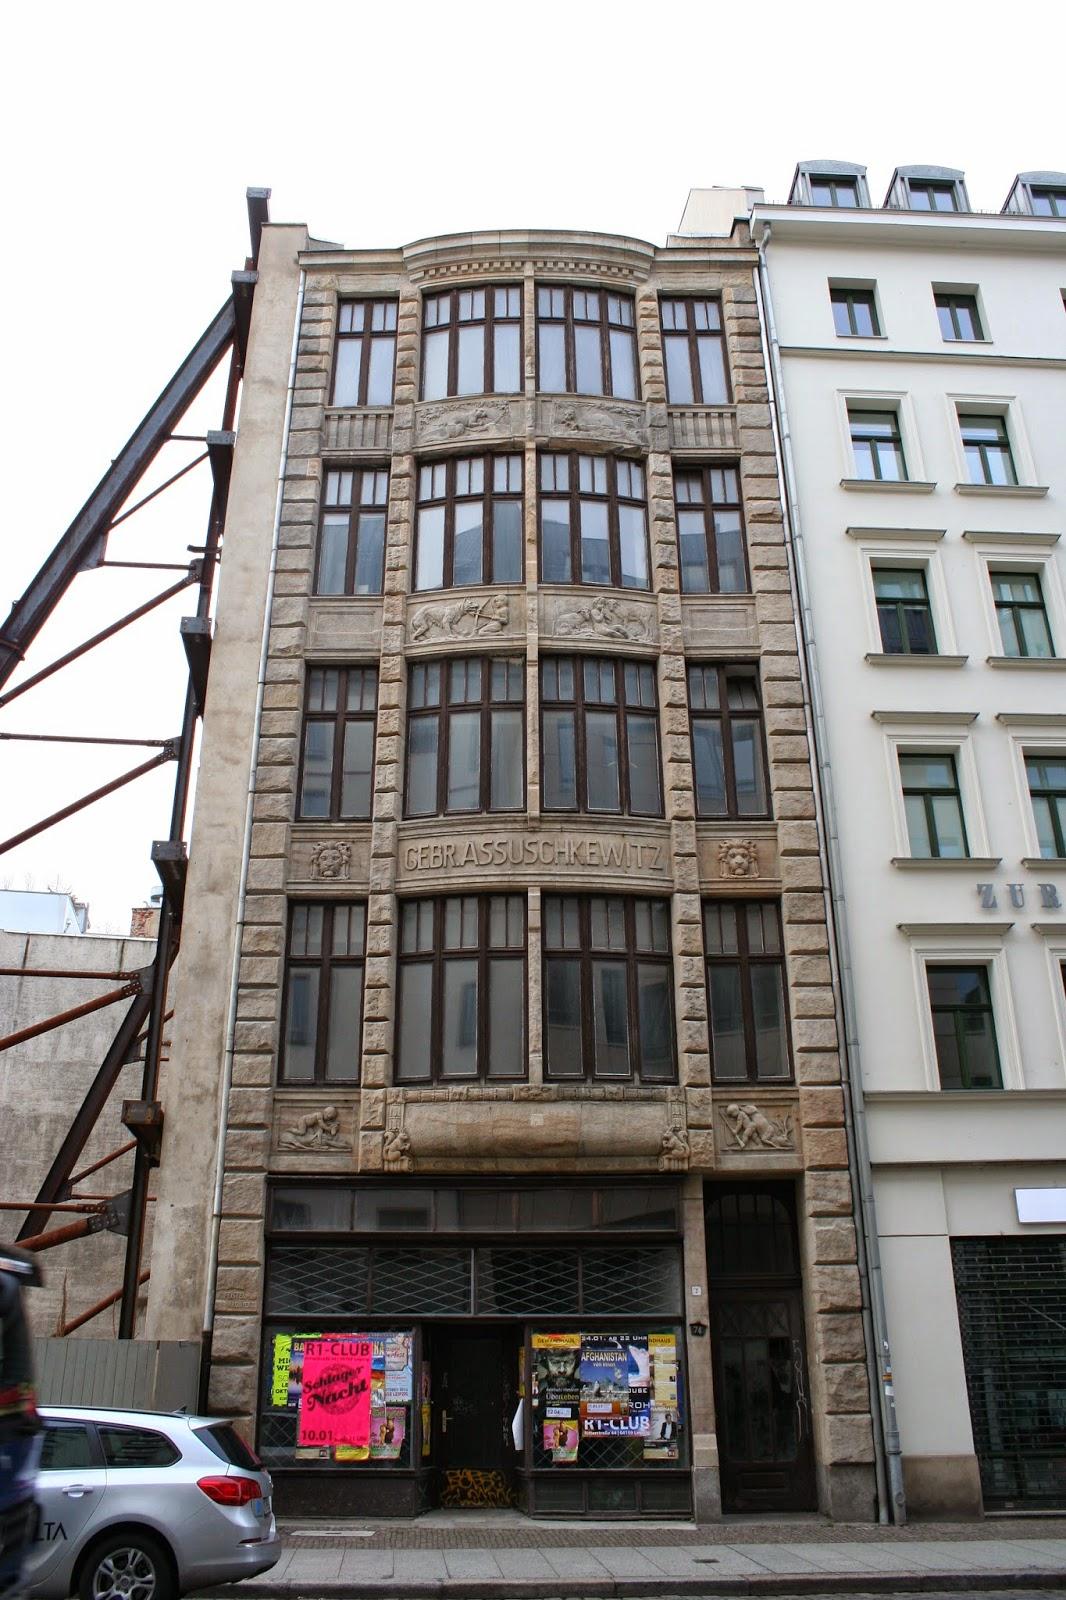 """Das ehemalige Geschäftshaus der Gebrüder Assuschkewitz am Brühl 74 in der Innenstadt wurde laut Wikipedias """"Liste der Kulturdenkmäler"""" so gegen 1909/1910 erbaut"""